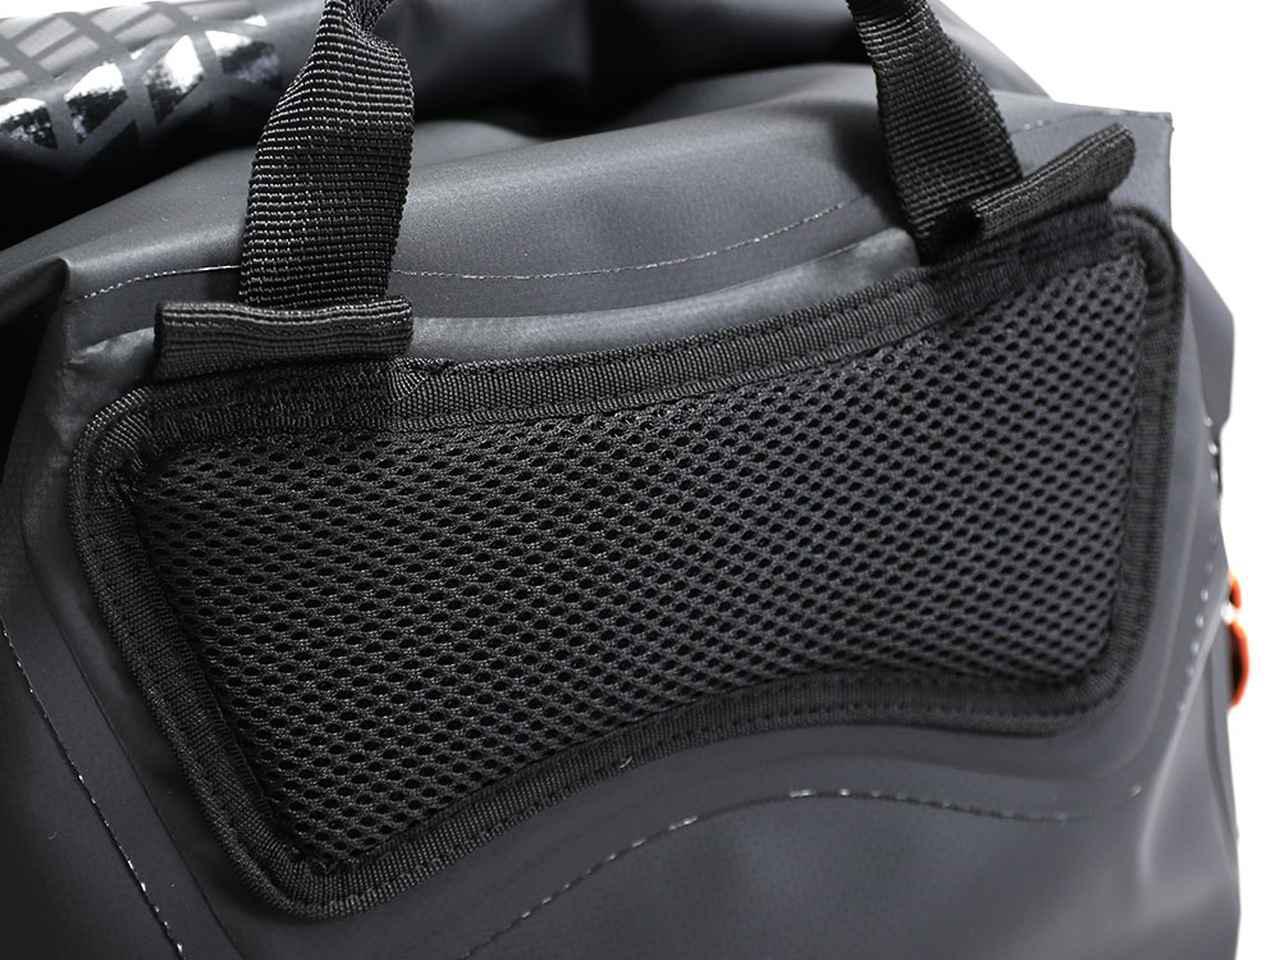 画像: 体と接触する背面には通気性の高いメッシュ素材を採用。汗やムレによる不快感を低減させ、体とバッグのフィット感を高めます。